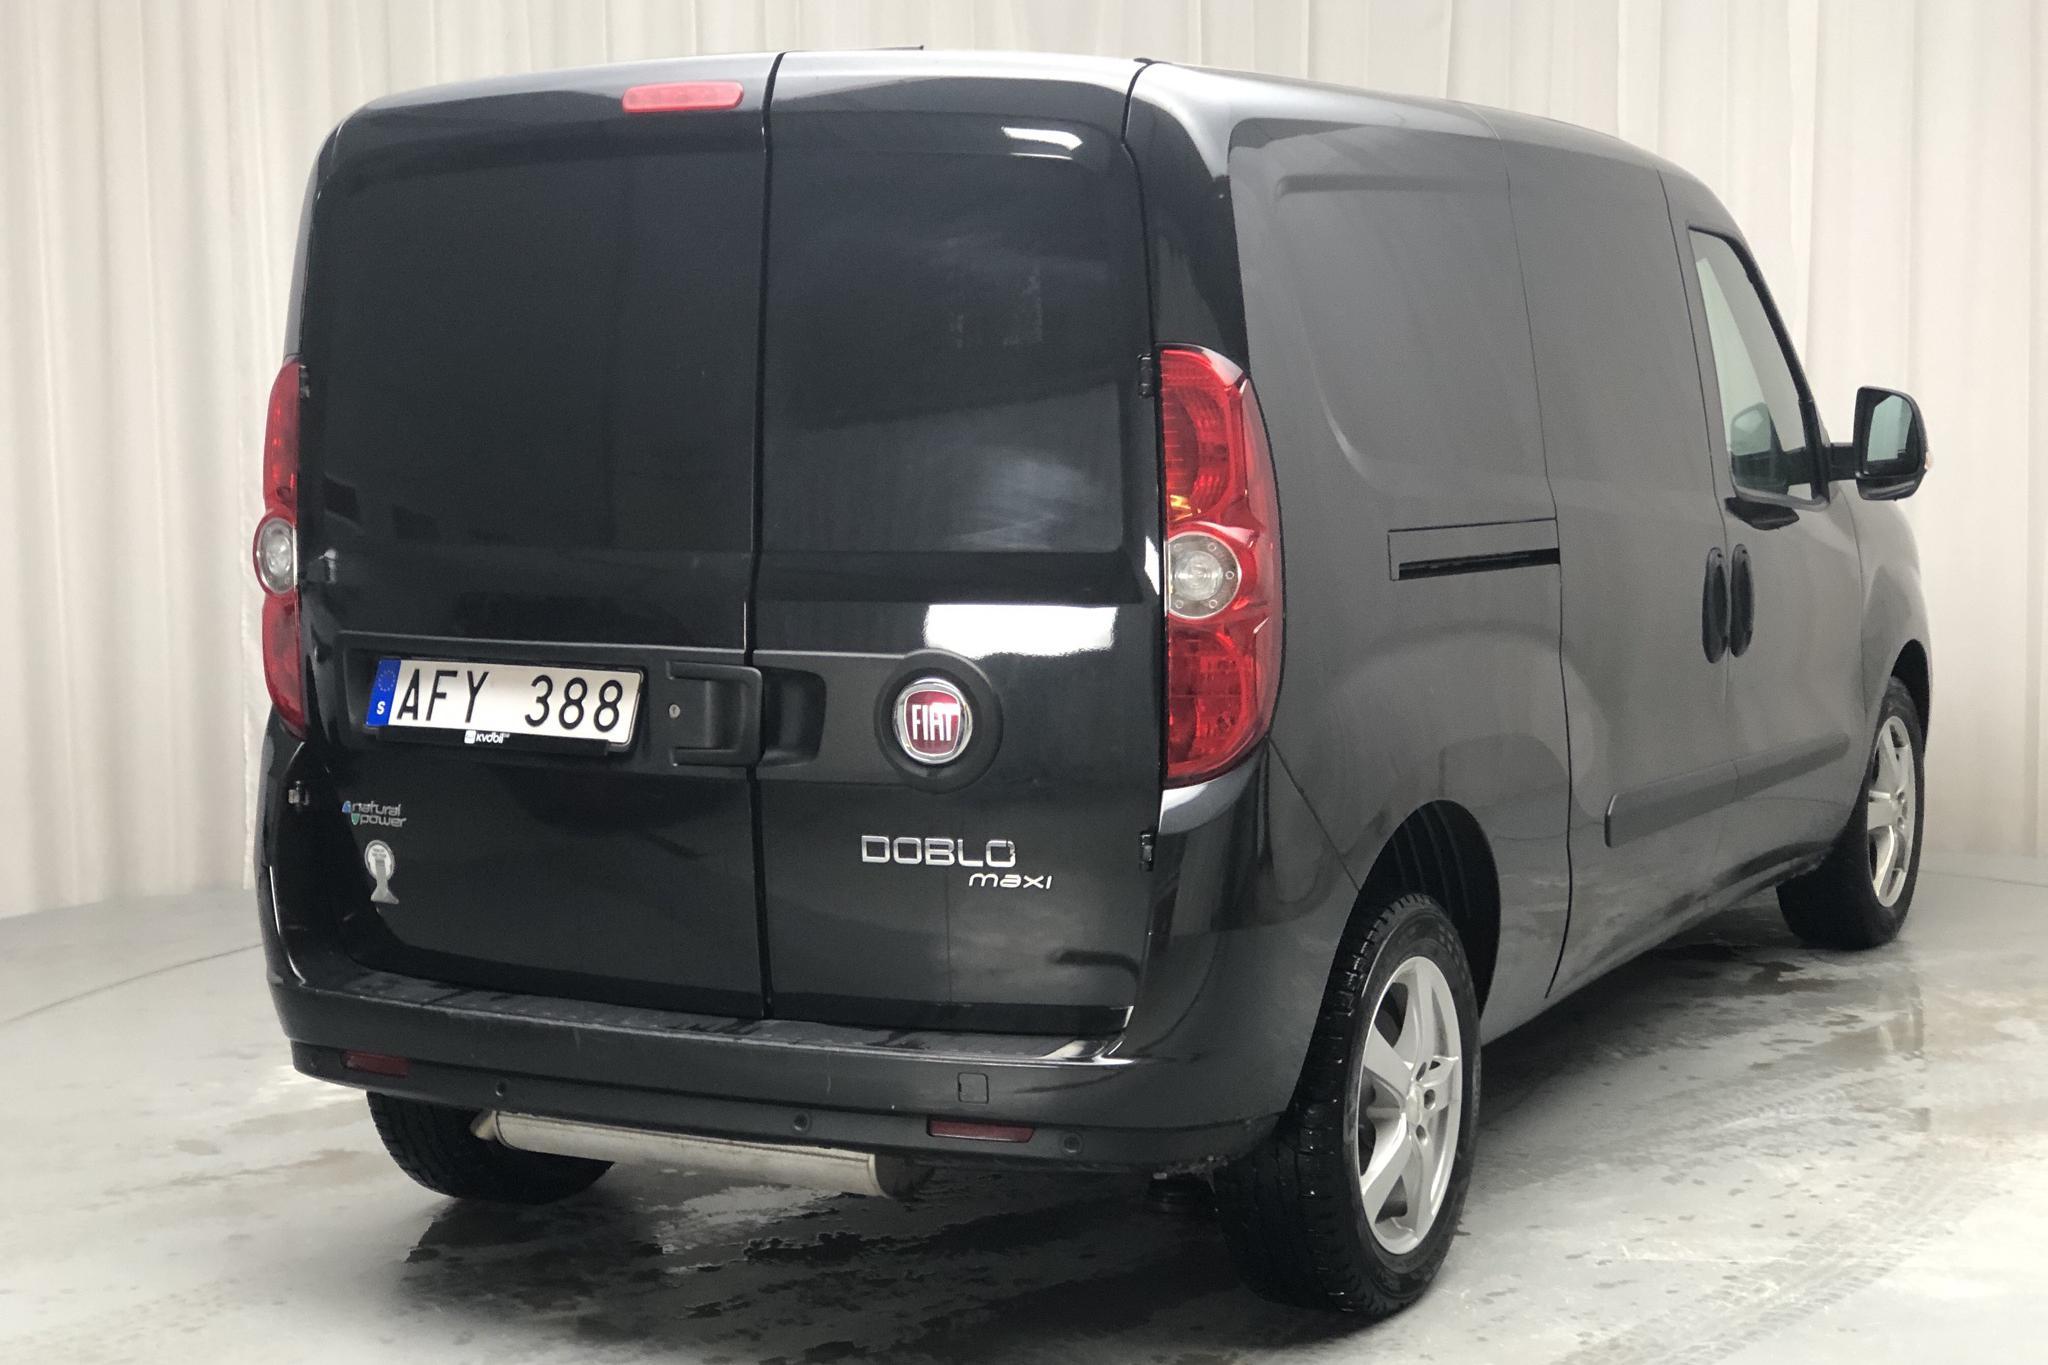 Fiat Doblo Cargo 1.4 CNG (95hk) - 39 590 km - Manual - black - 2011